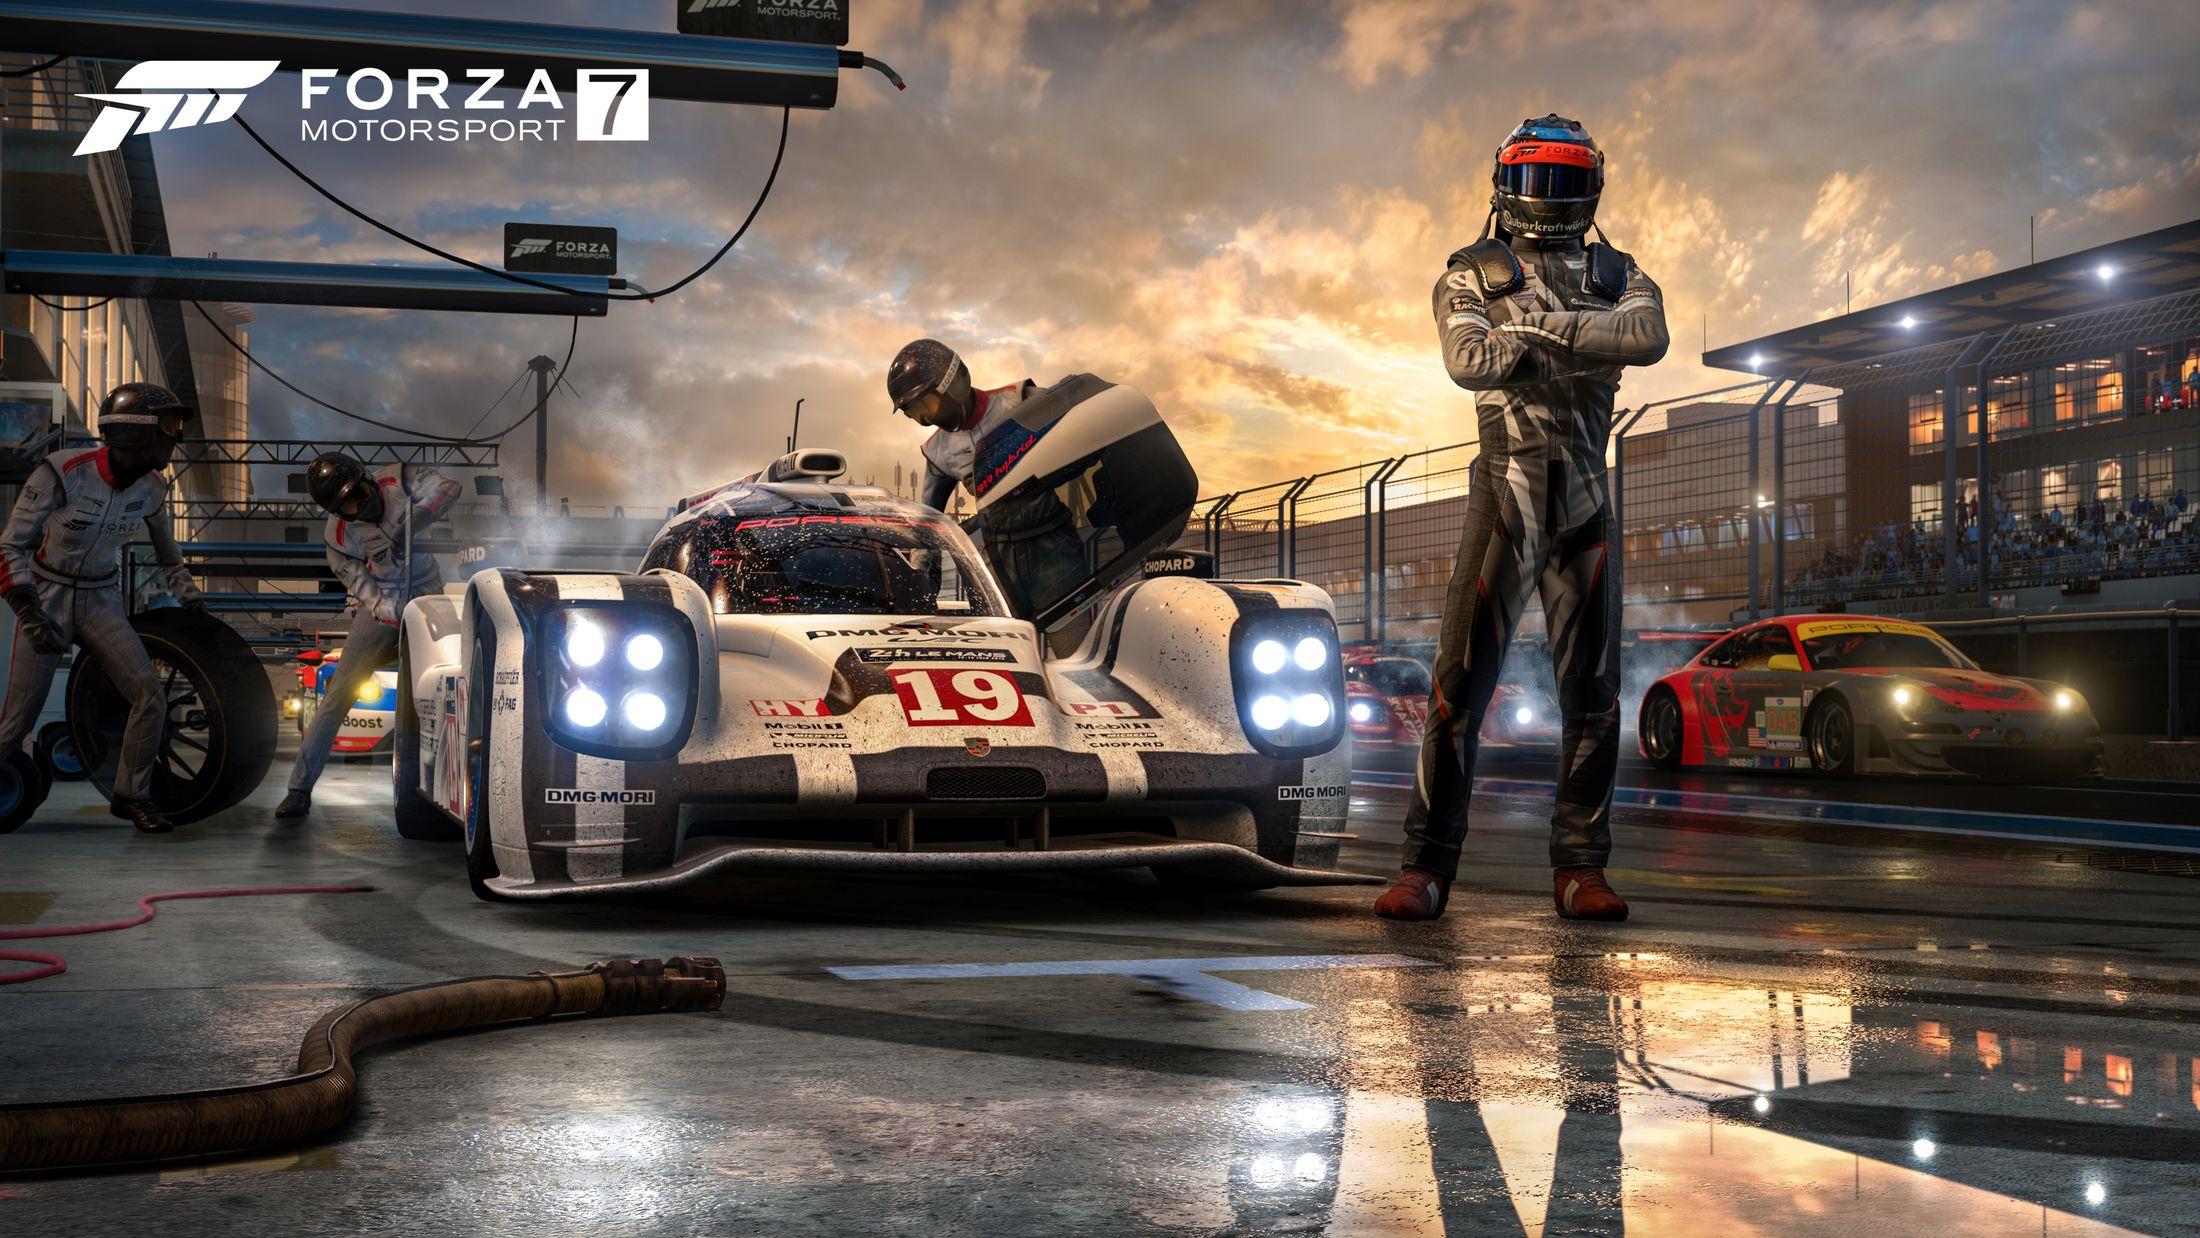 Nuevo Forza MotorSport 7 para la comunidad de Microsoft.